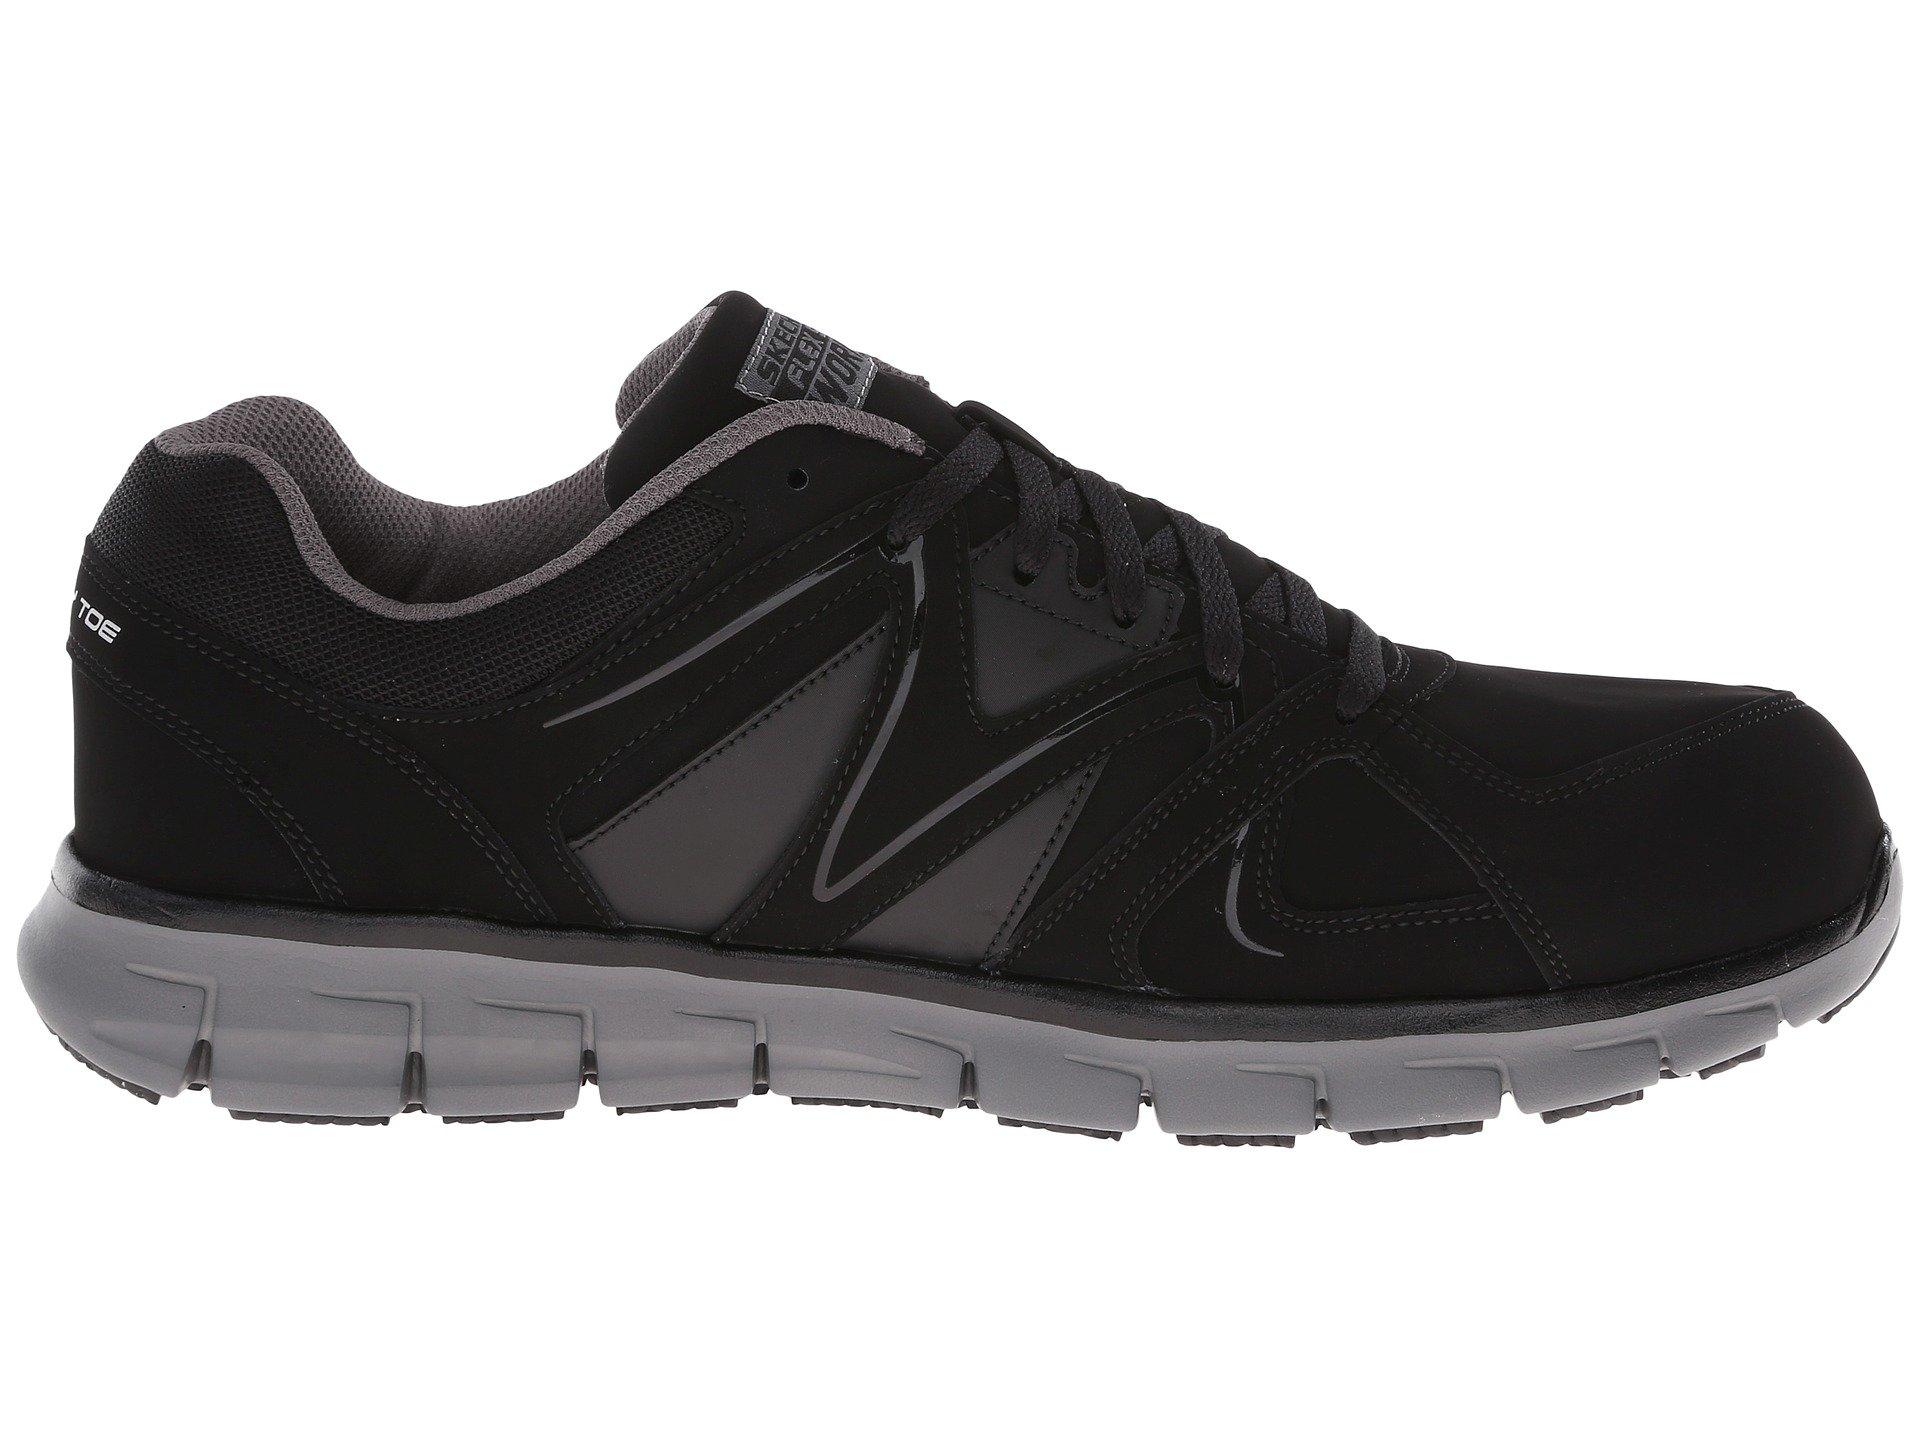 ekron guys Skechers men's synergy-ekron alloy toe work shoe skechers men's synergy-ekron lace up slip resistant athletic alloy toe.